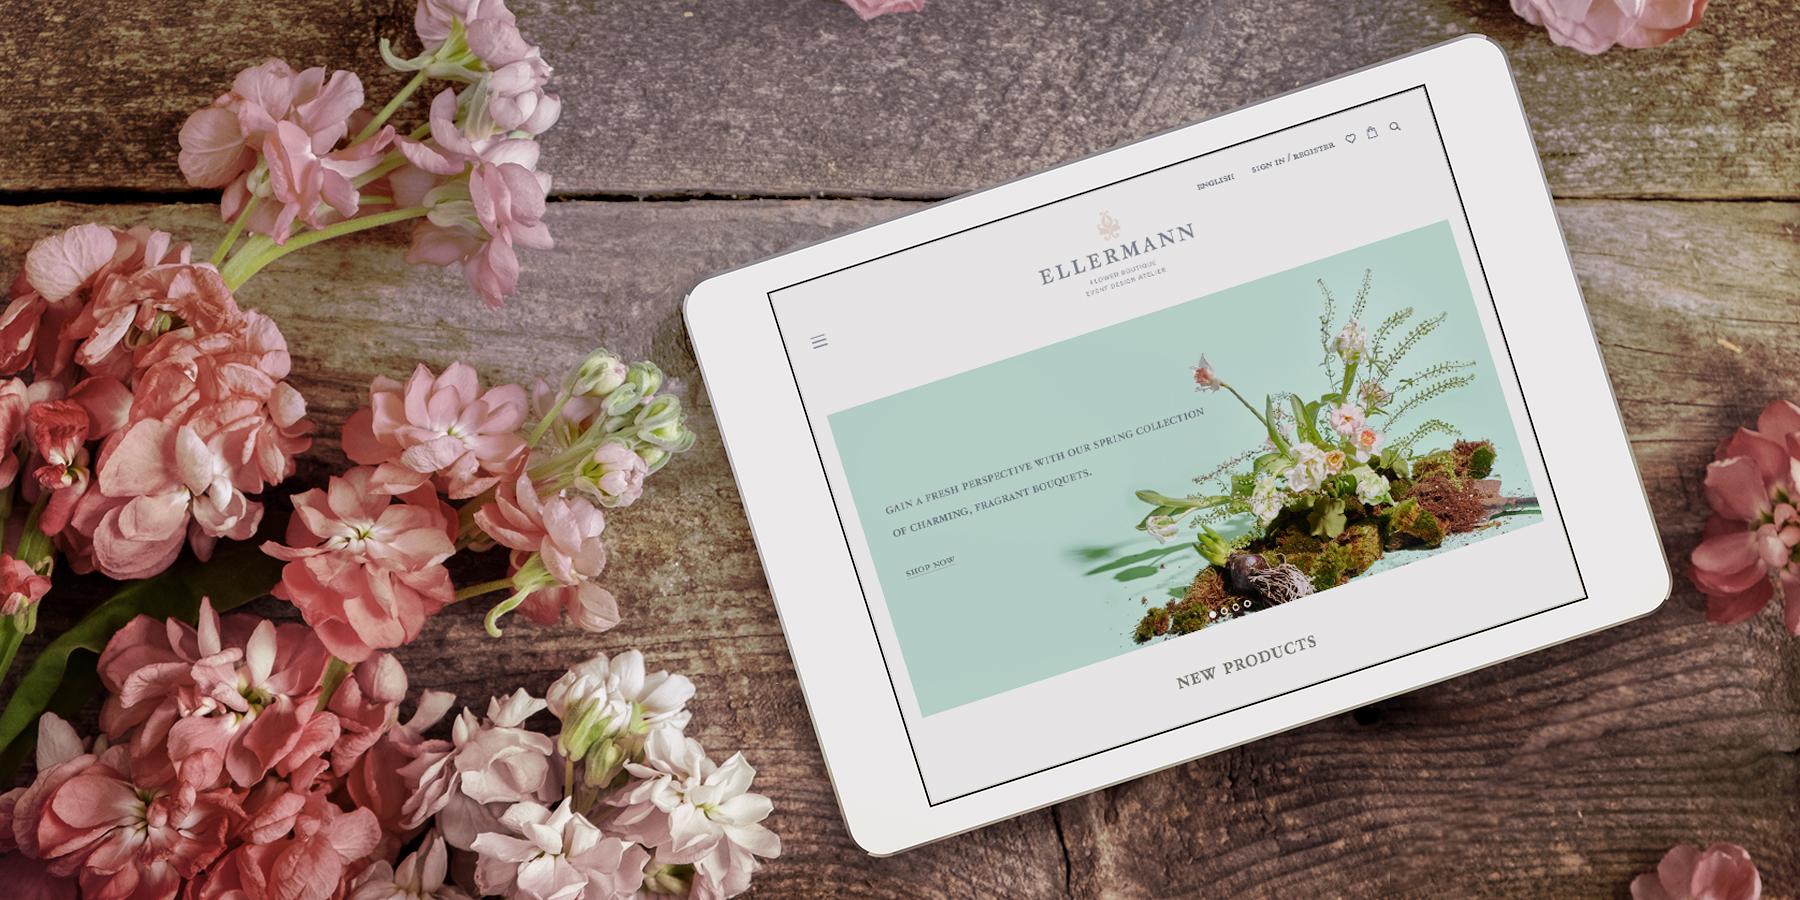 ellermann online store company website